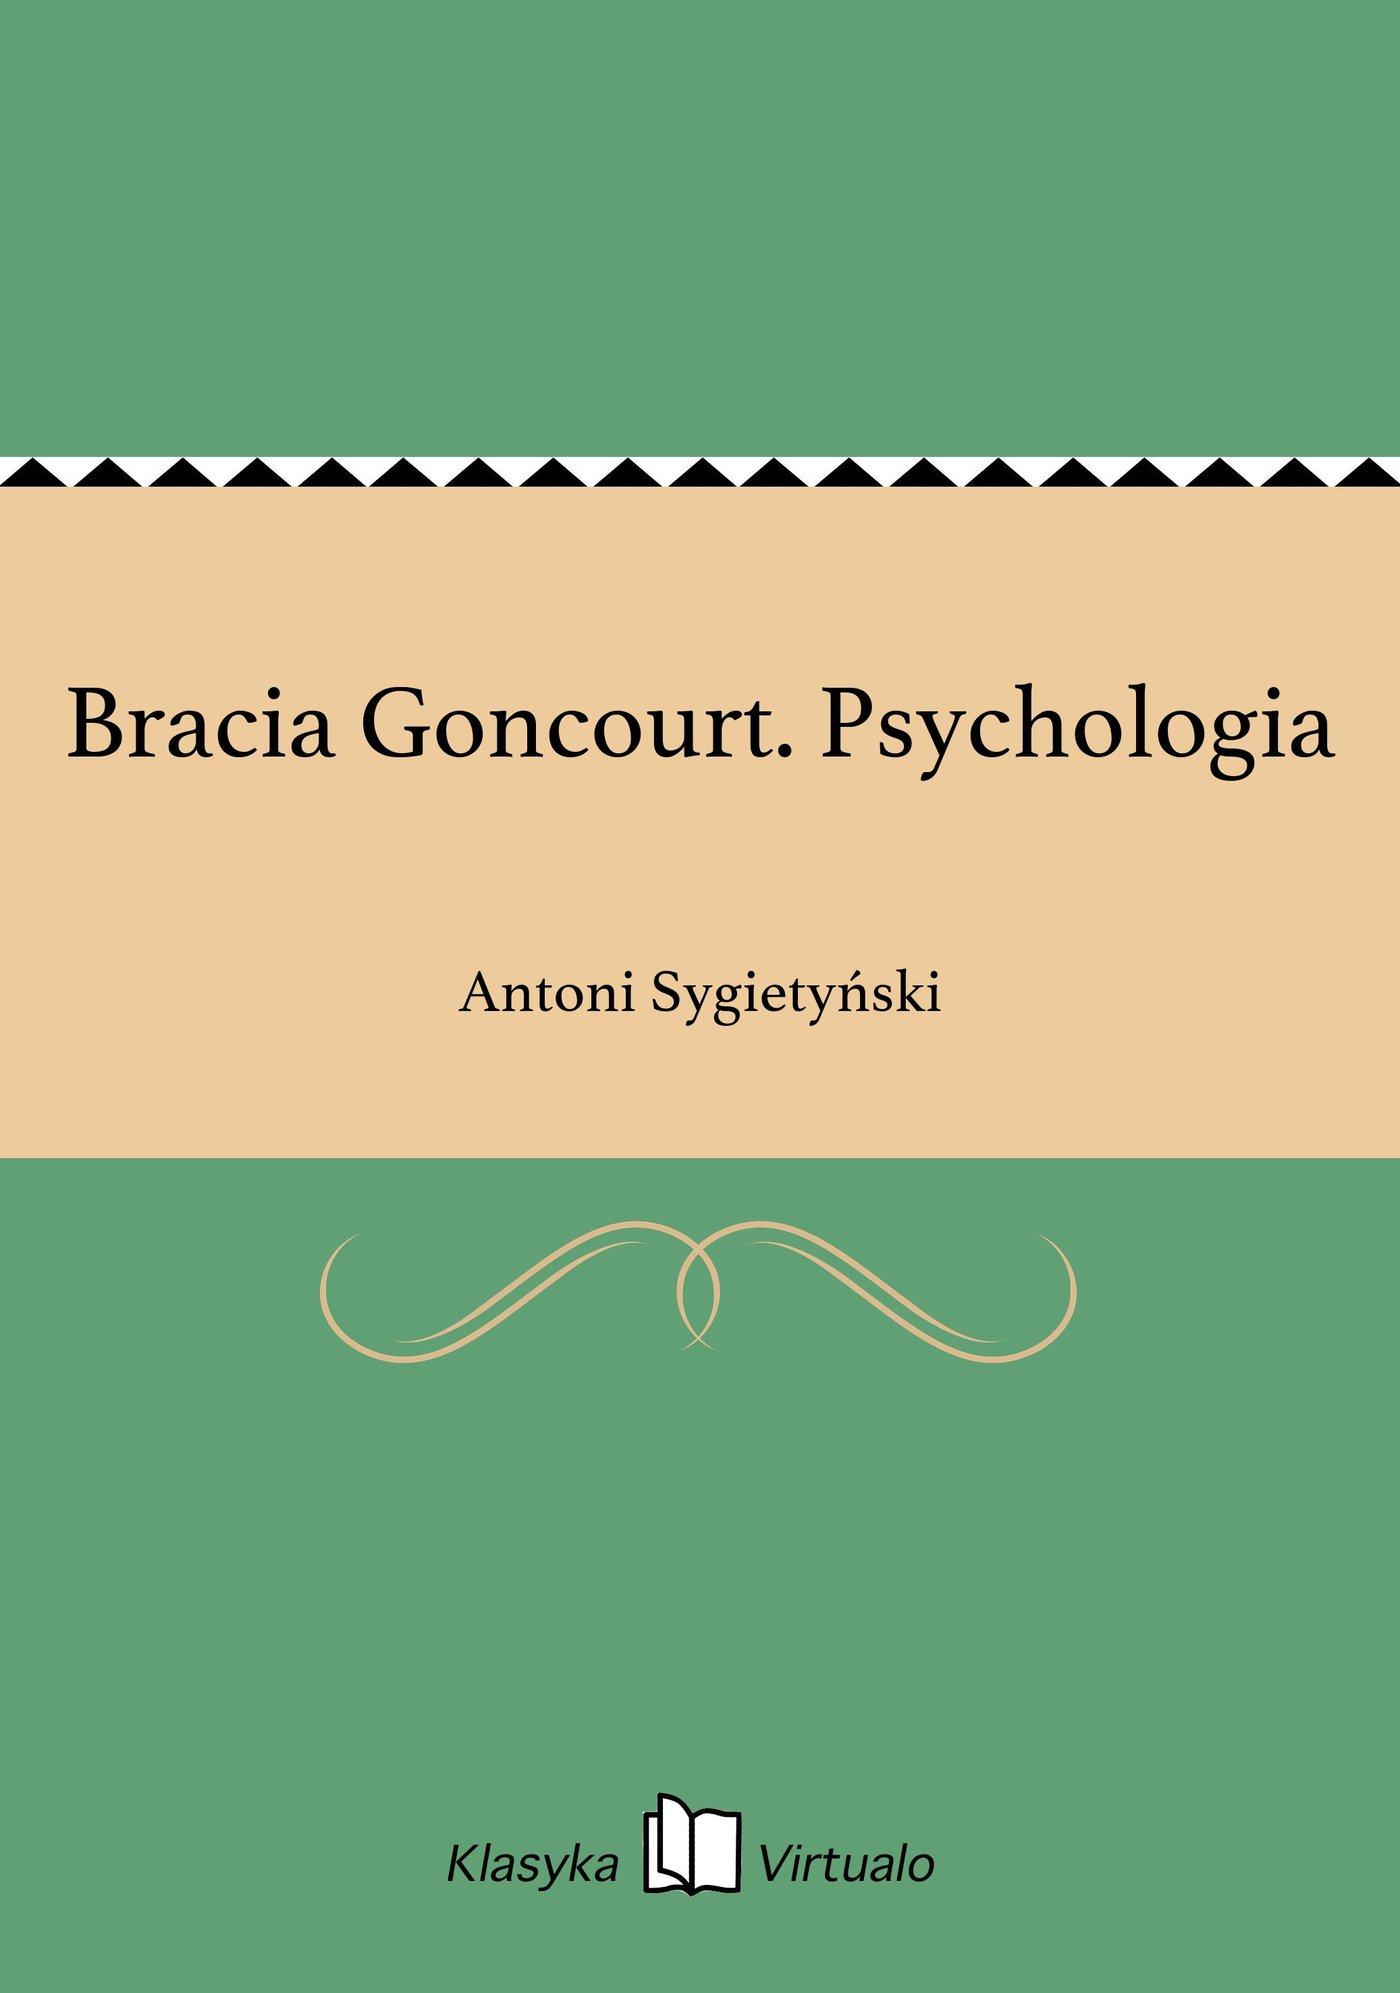 Bracia Goncourt. Psychologia - Ebook (Książka EPUB) do pobrania w formacie EPUB